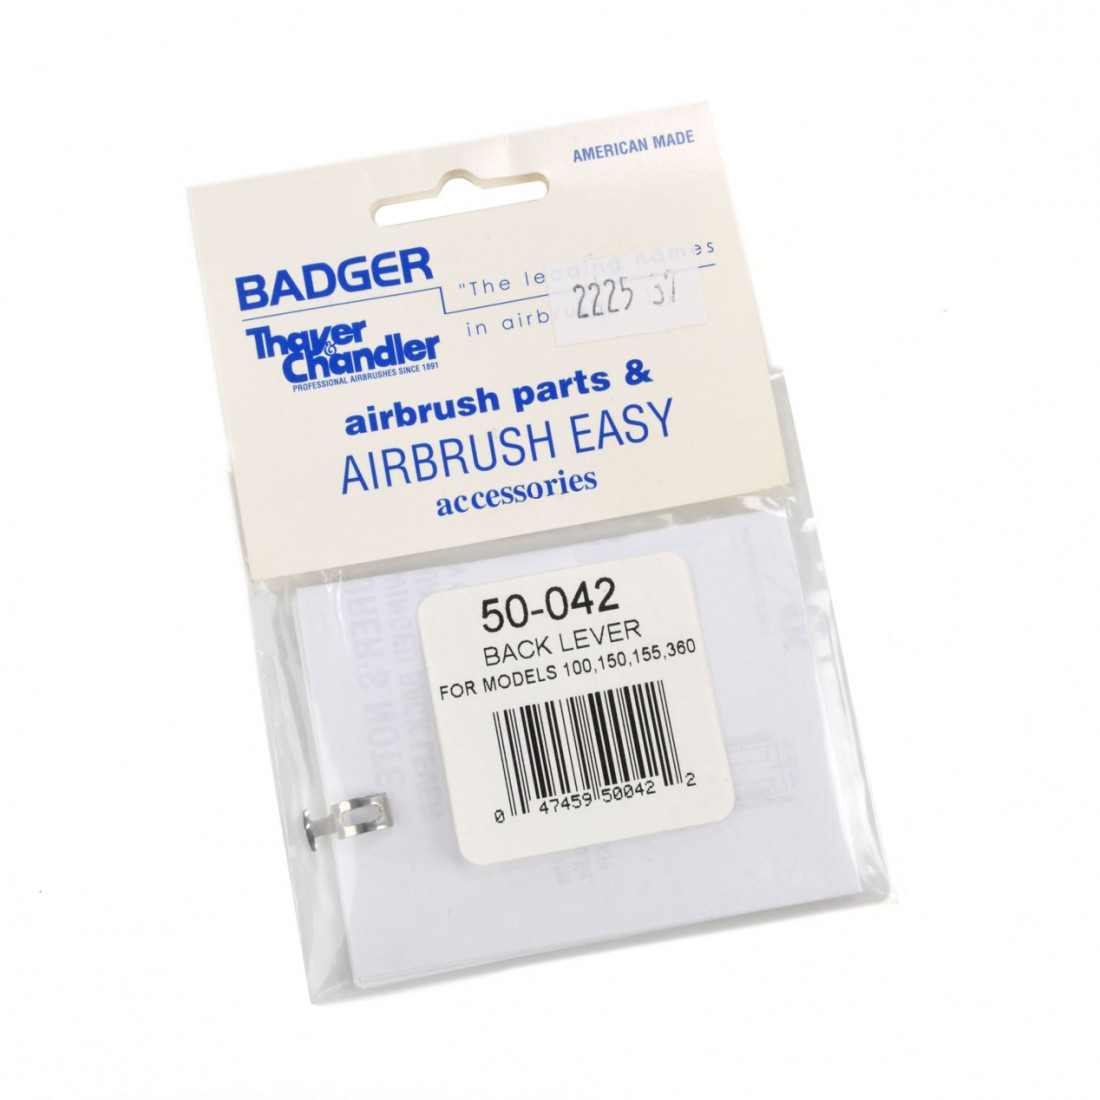 Badger 50-042